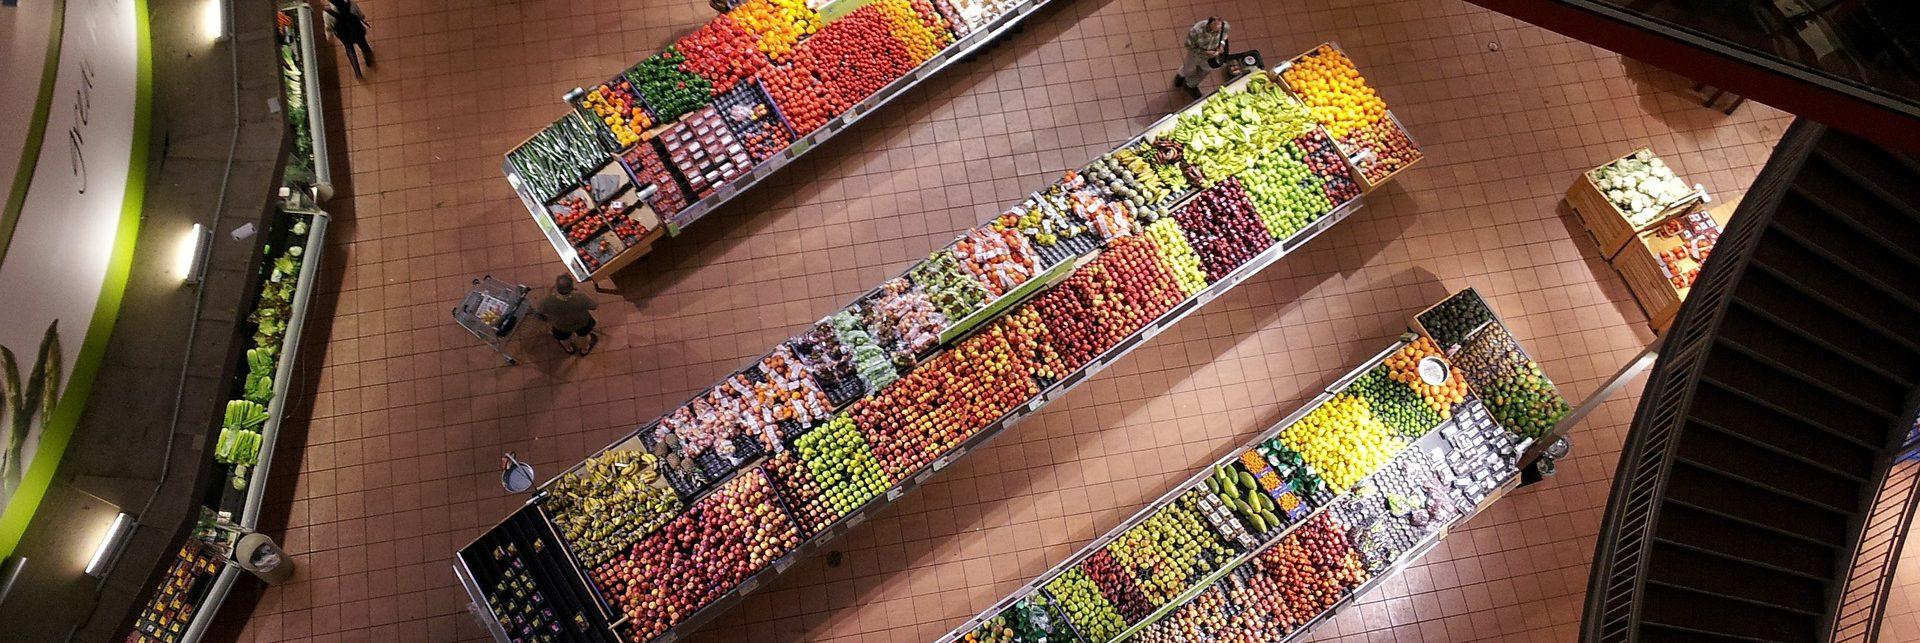 Jak Oświetlić Sklep Spożywczy Blog Luxmarket